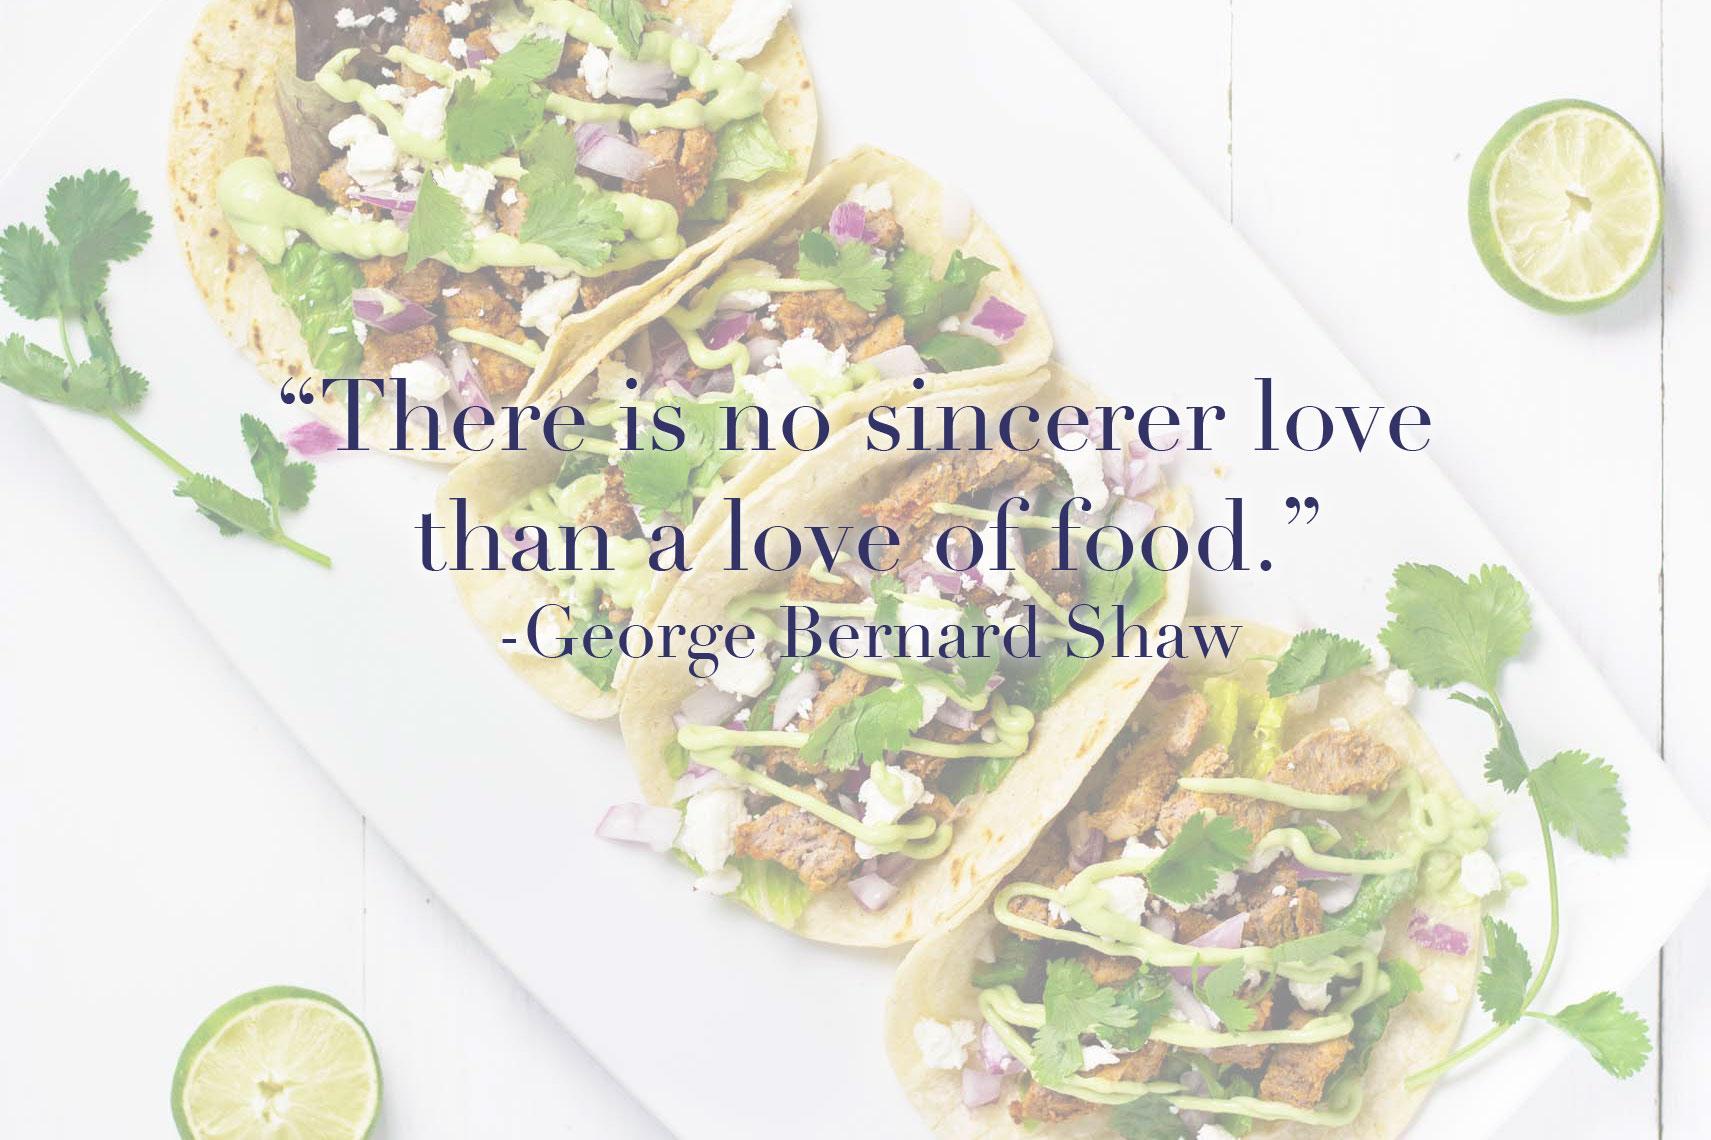 taco-quote-1.jpg